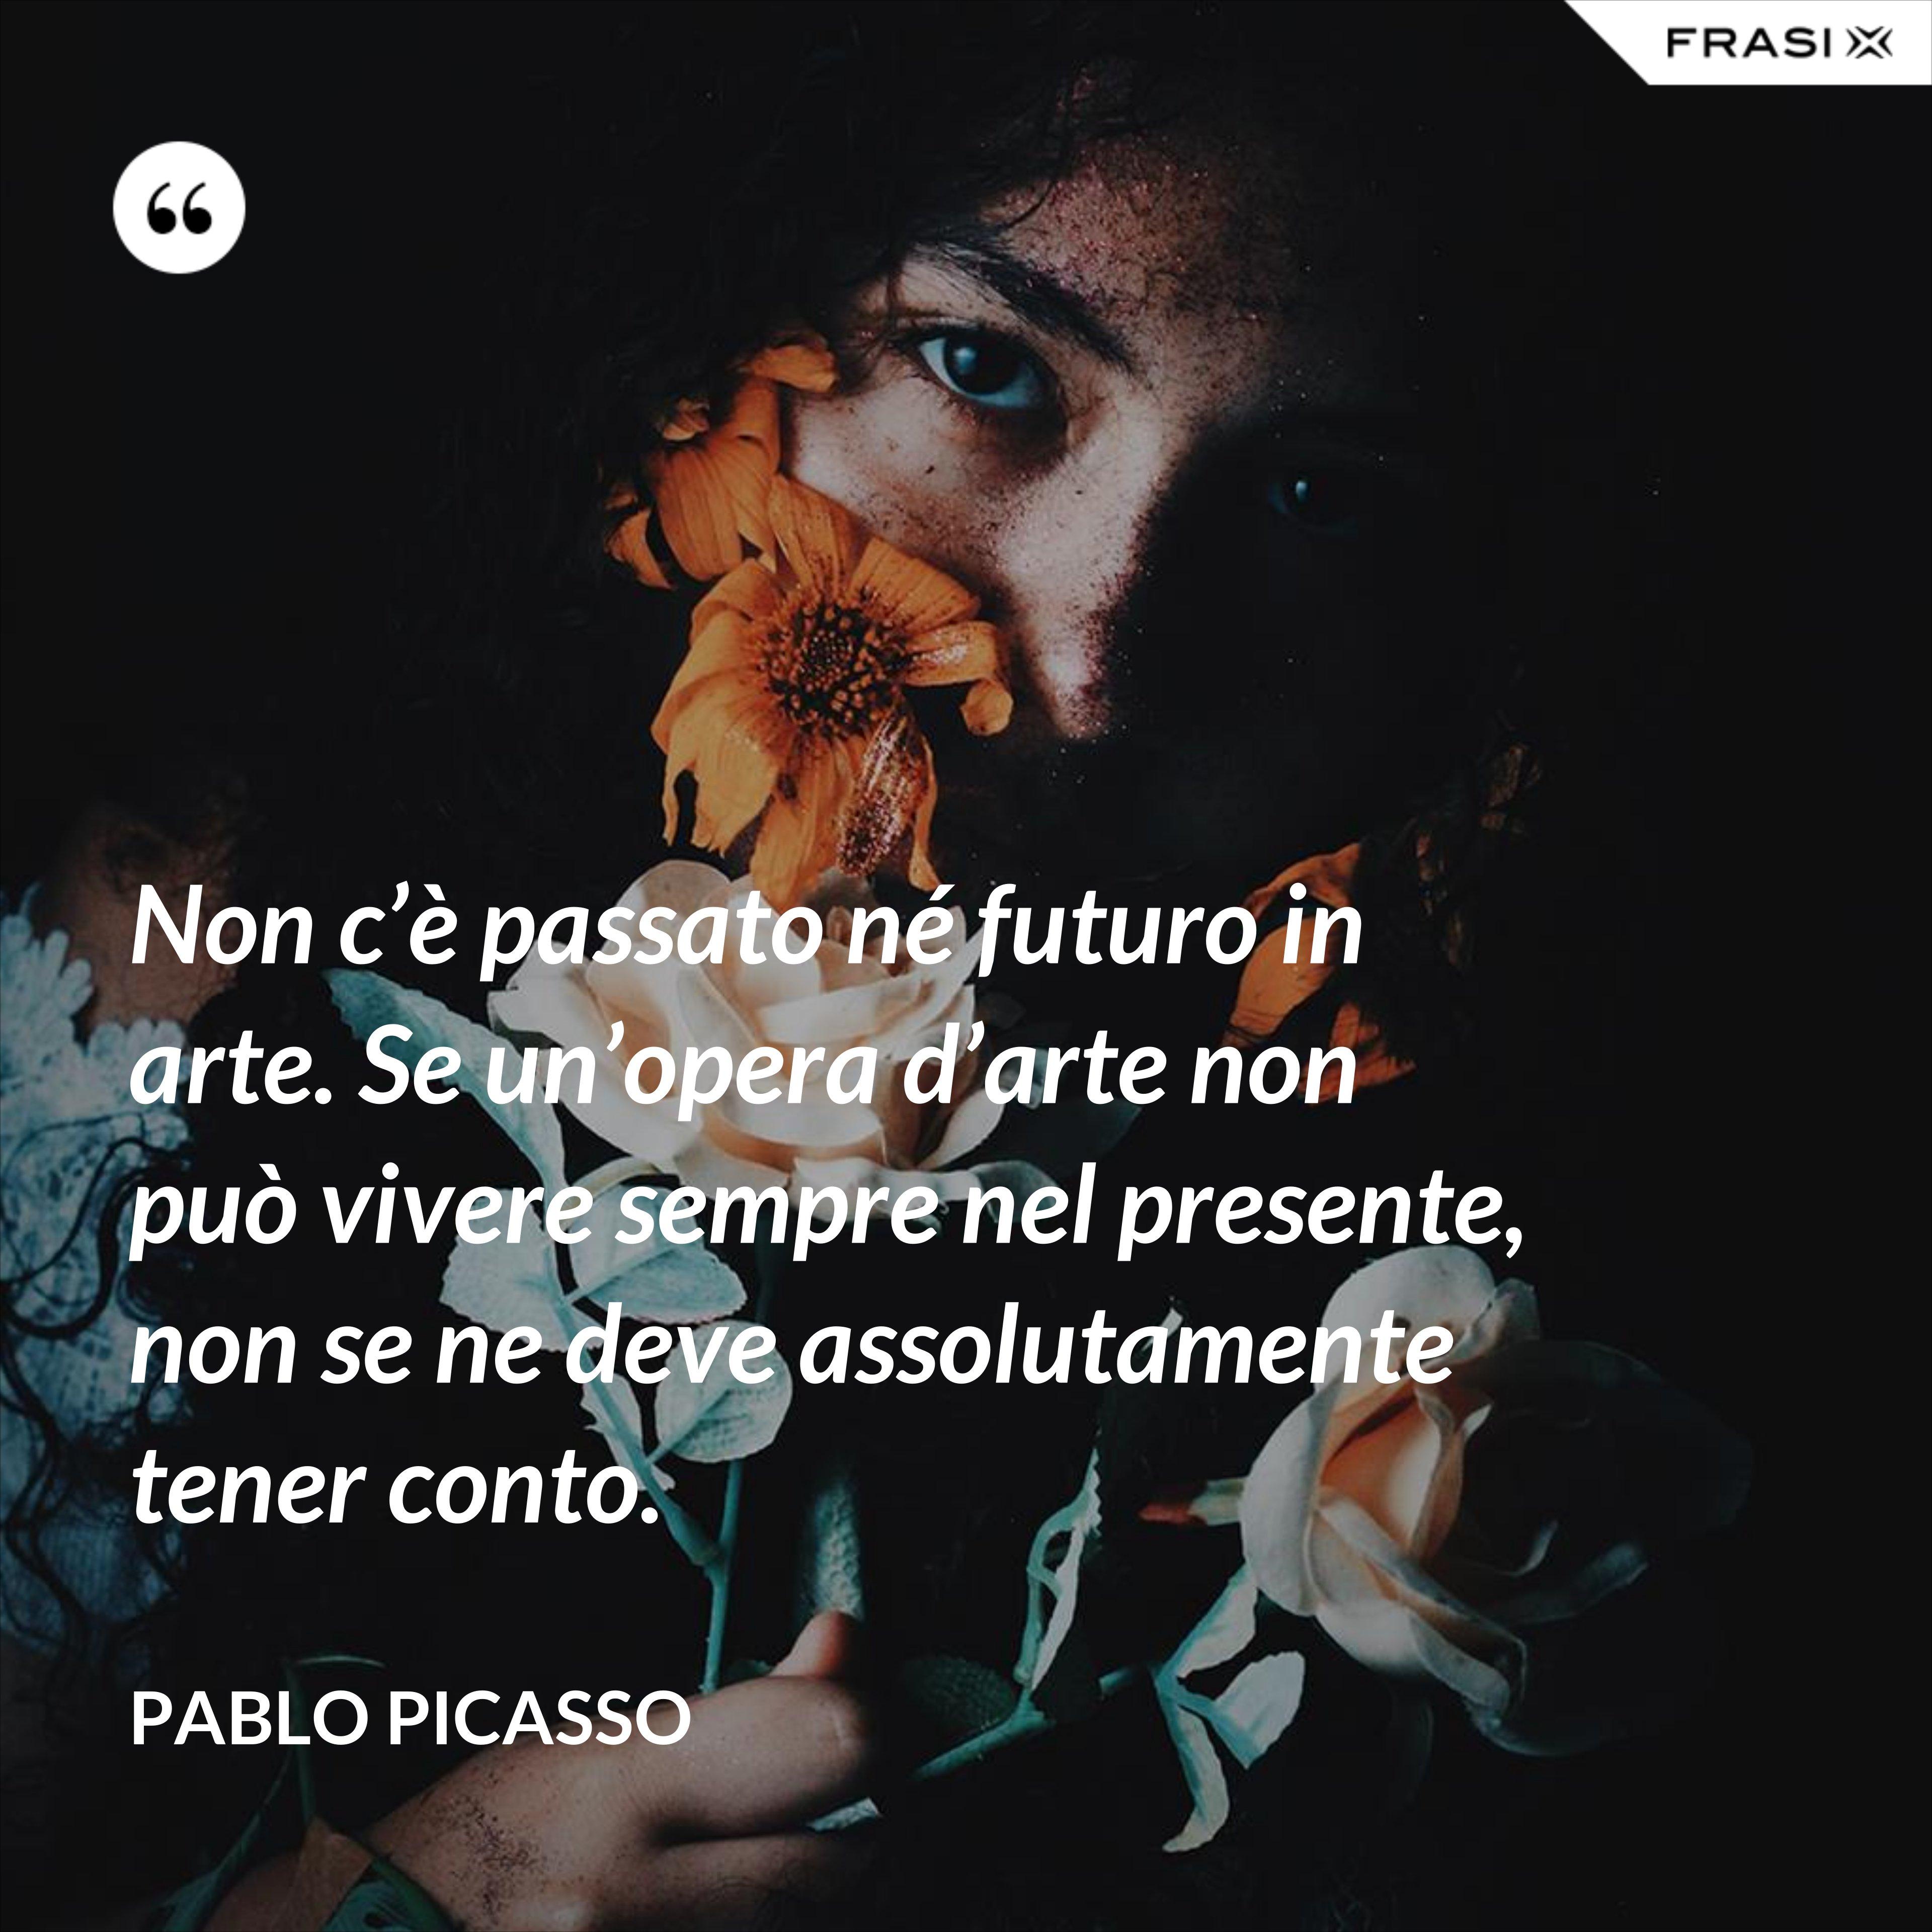 Non c'è passato né futuro in arte. Se un'opera d'arte non può vivere sempre nel presente, non se ne deve assolutamente tener conto. - Pablo Picasso